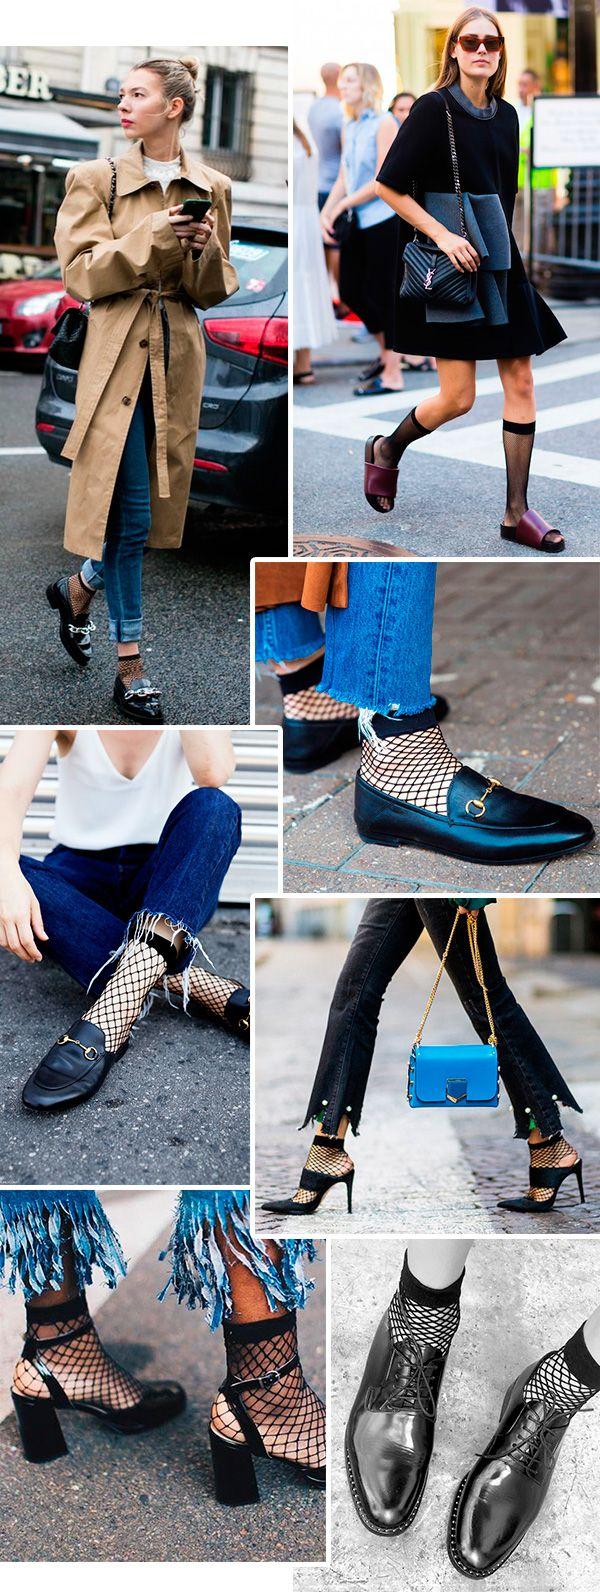 Como usar meia arrastão soquete com tênis, scarpins, slippers